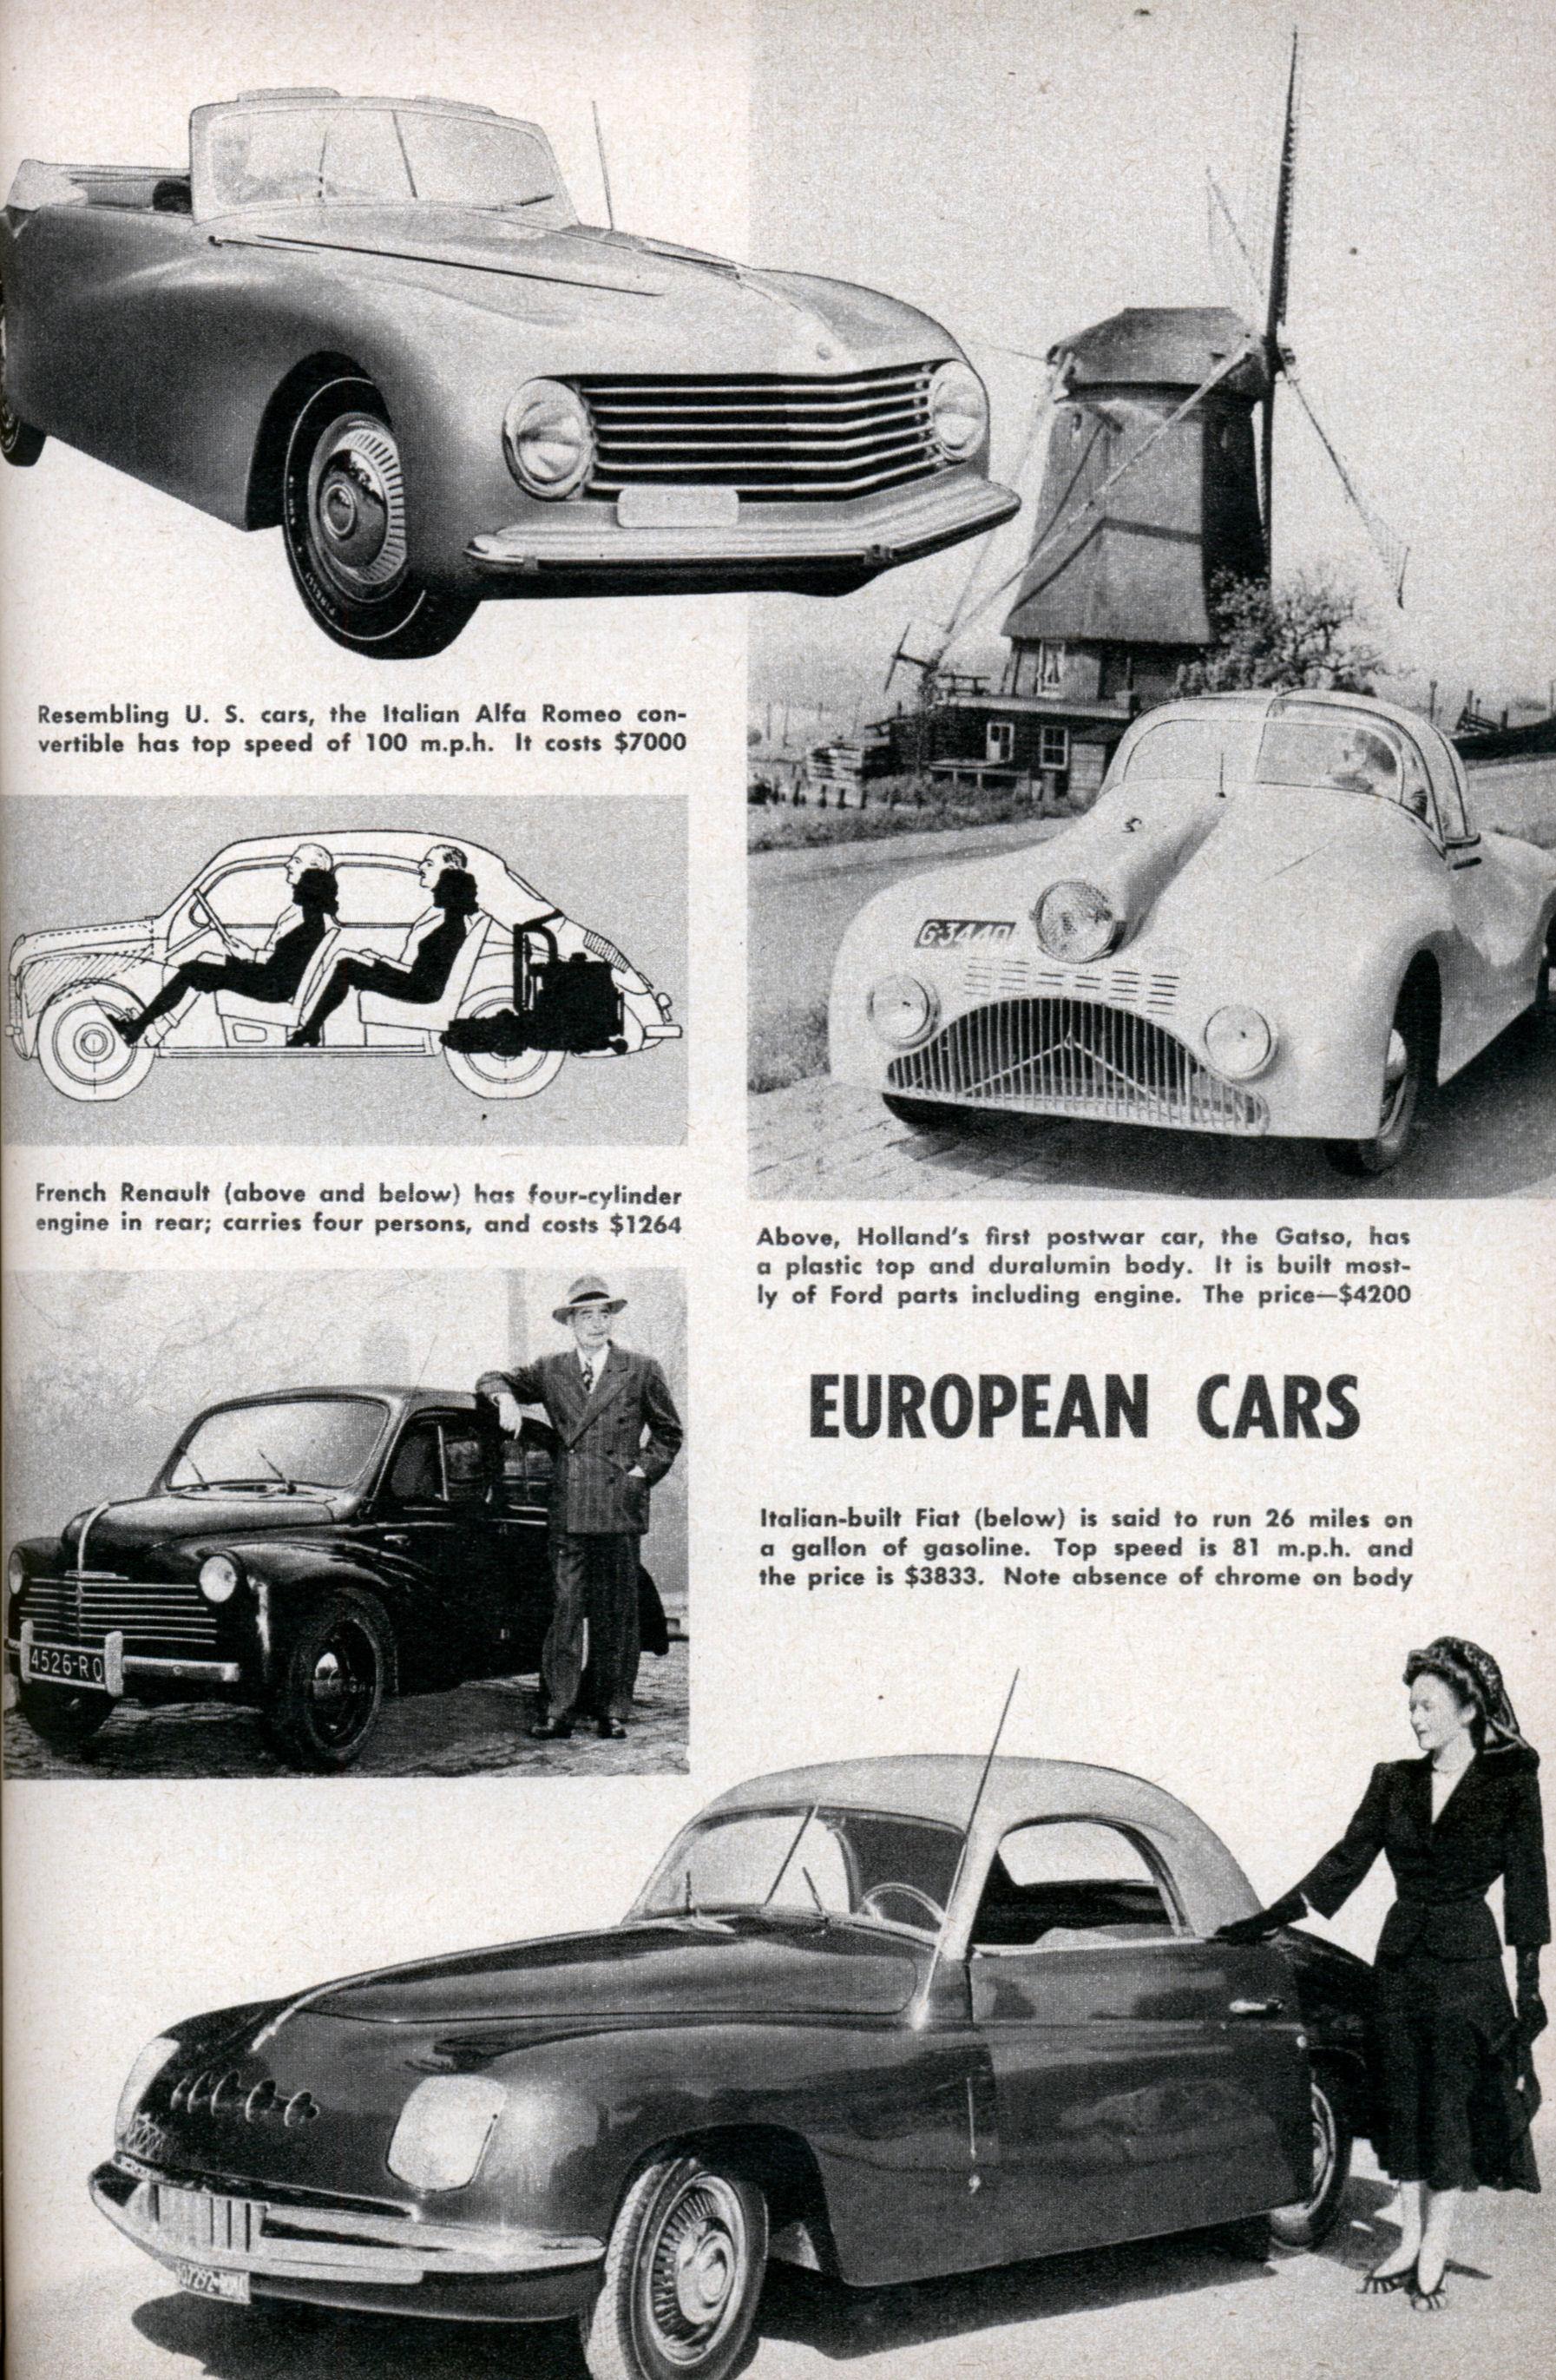 Resembling U. S. cars, the